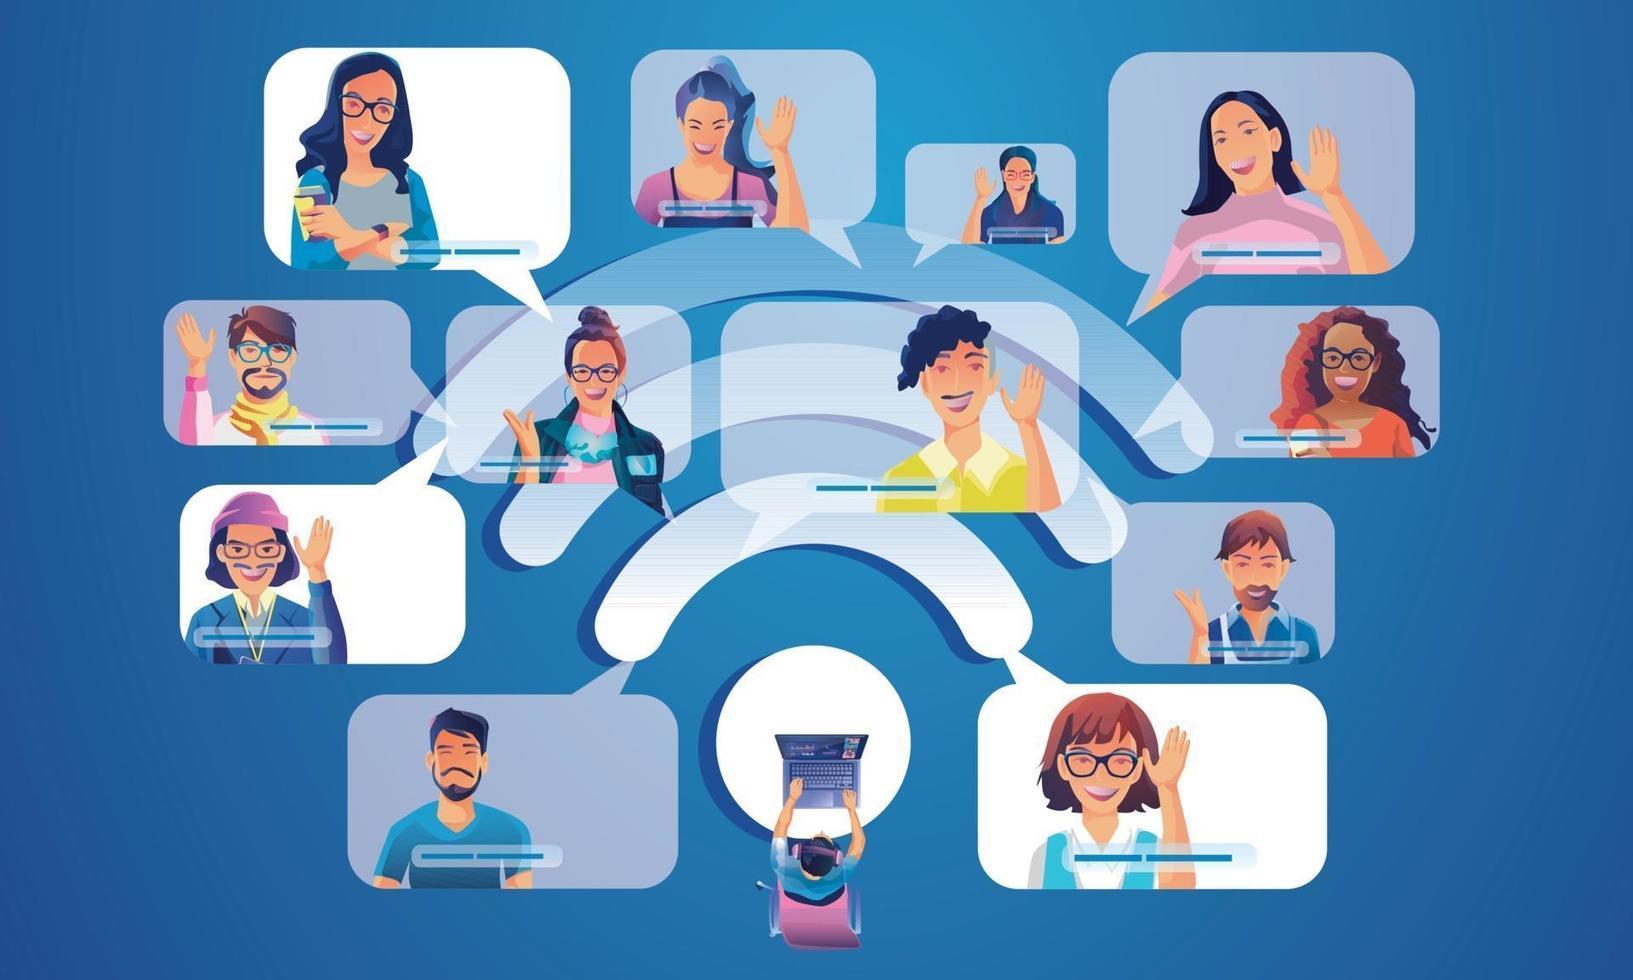 människor använder videokonferens och landar arbetande människor på fönsterskärmen med kollegor. videokonferens och online-möte wifi-ikon, man och kvinna online lärande vektorillustration, platt vektor